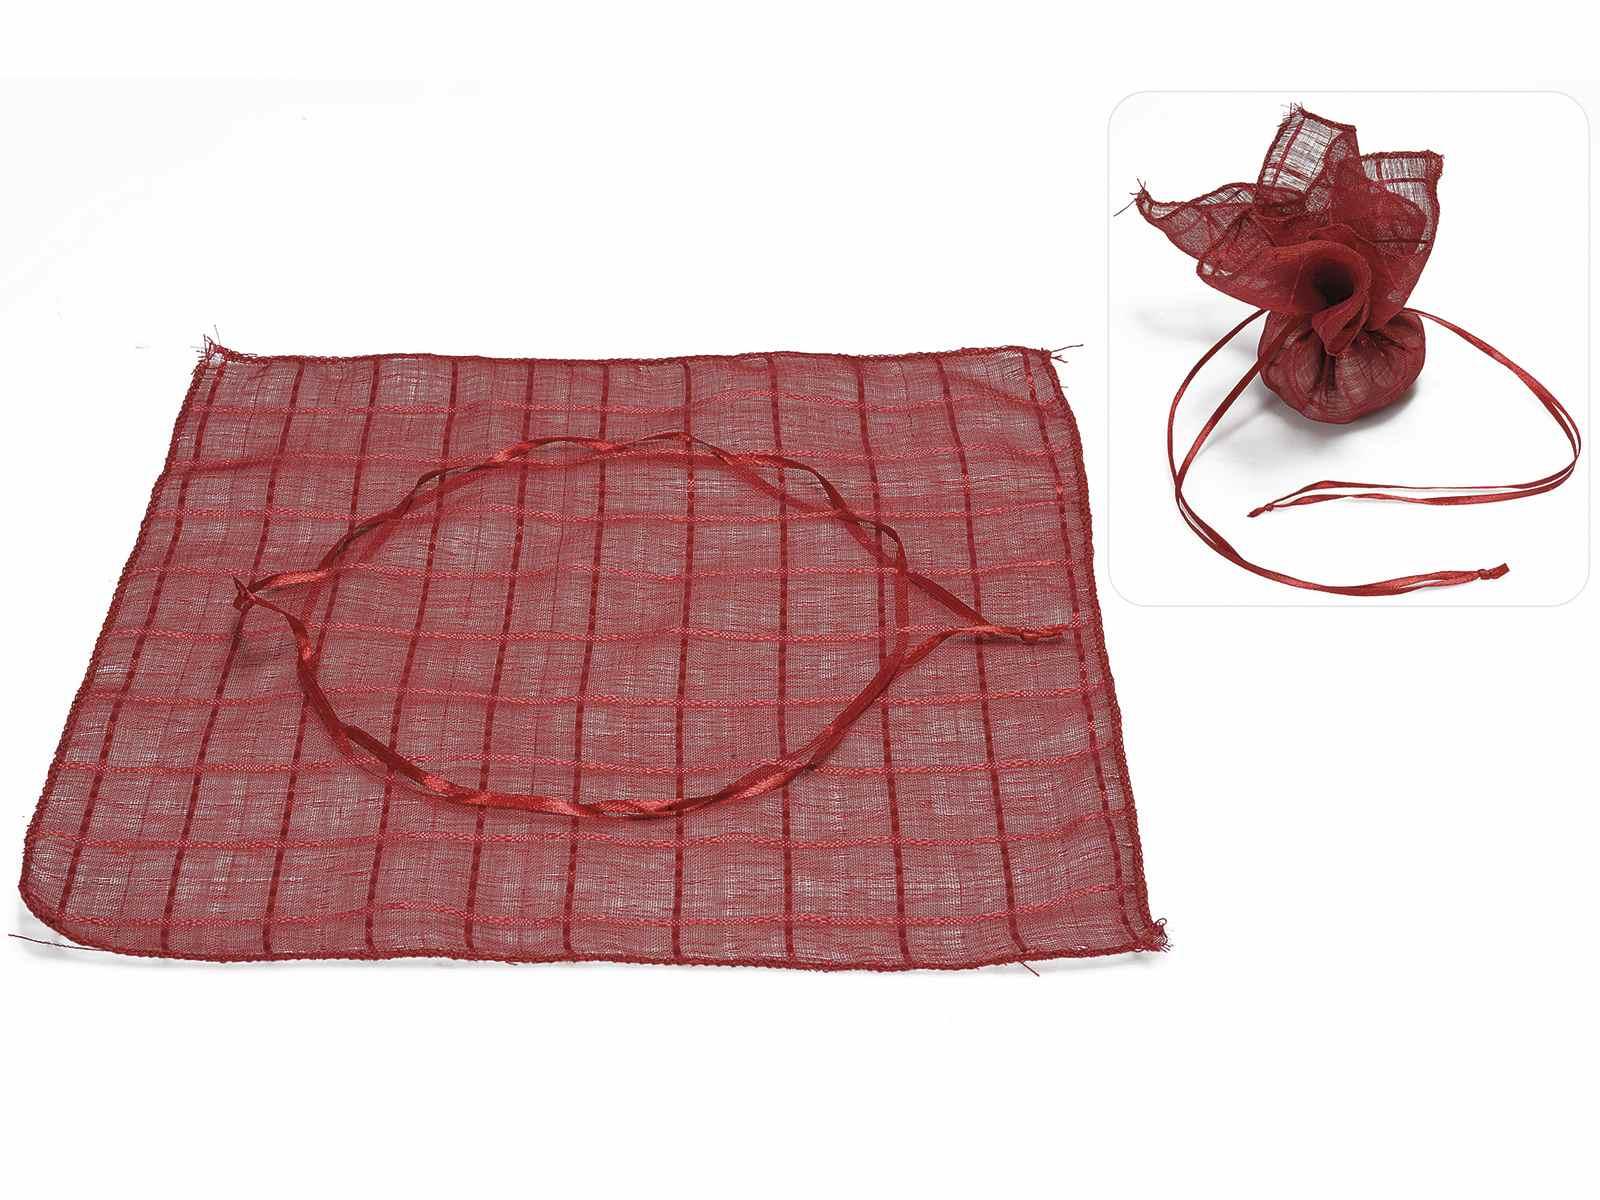 Tulle quadrato a sacchetto in stoffa quadri rosso rubino con tirante